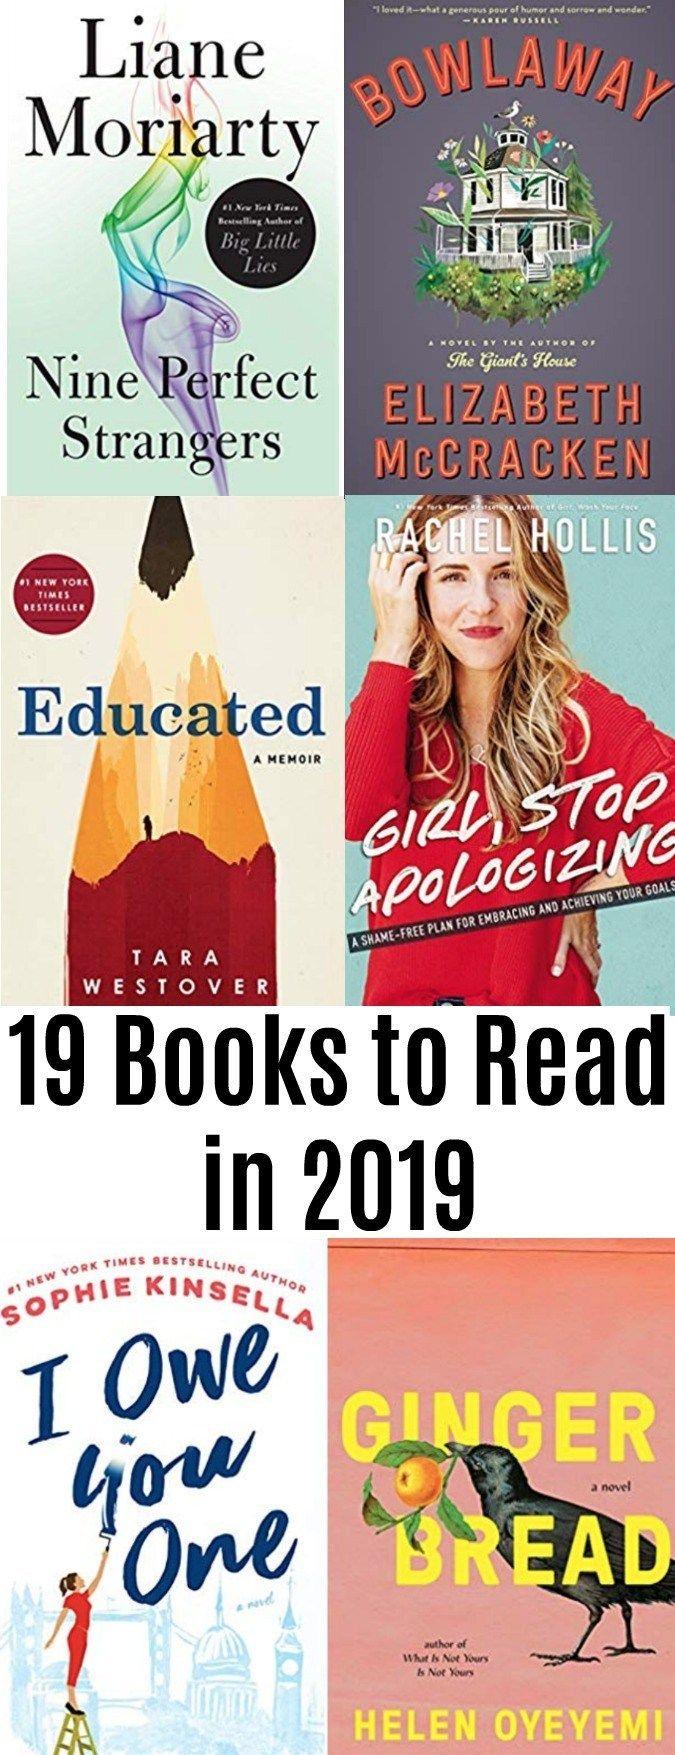 19 Books to Read in 2019 #bookstoread